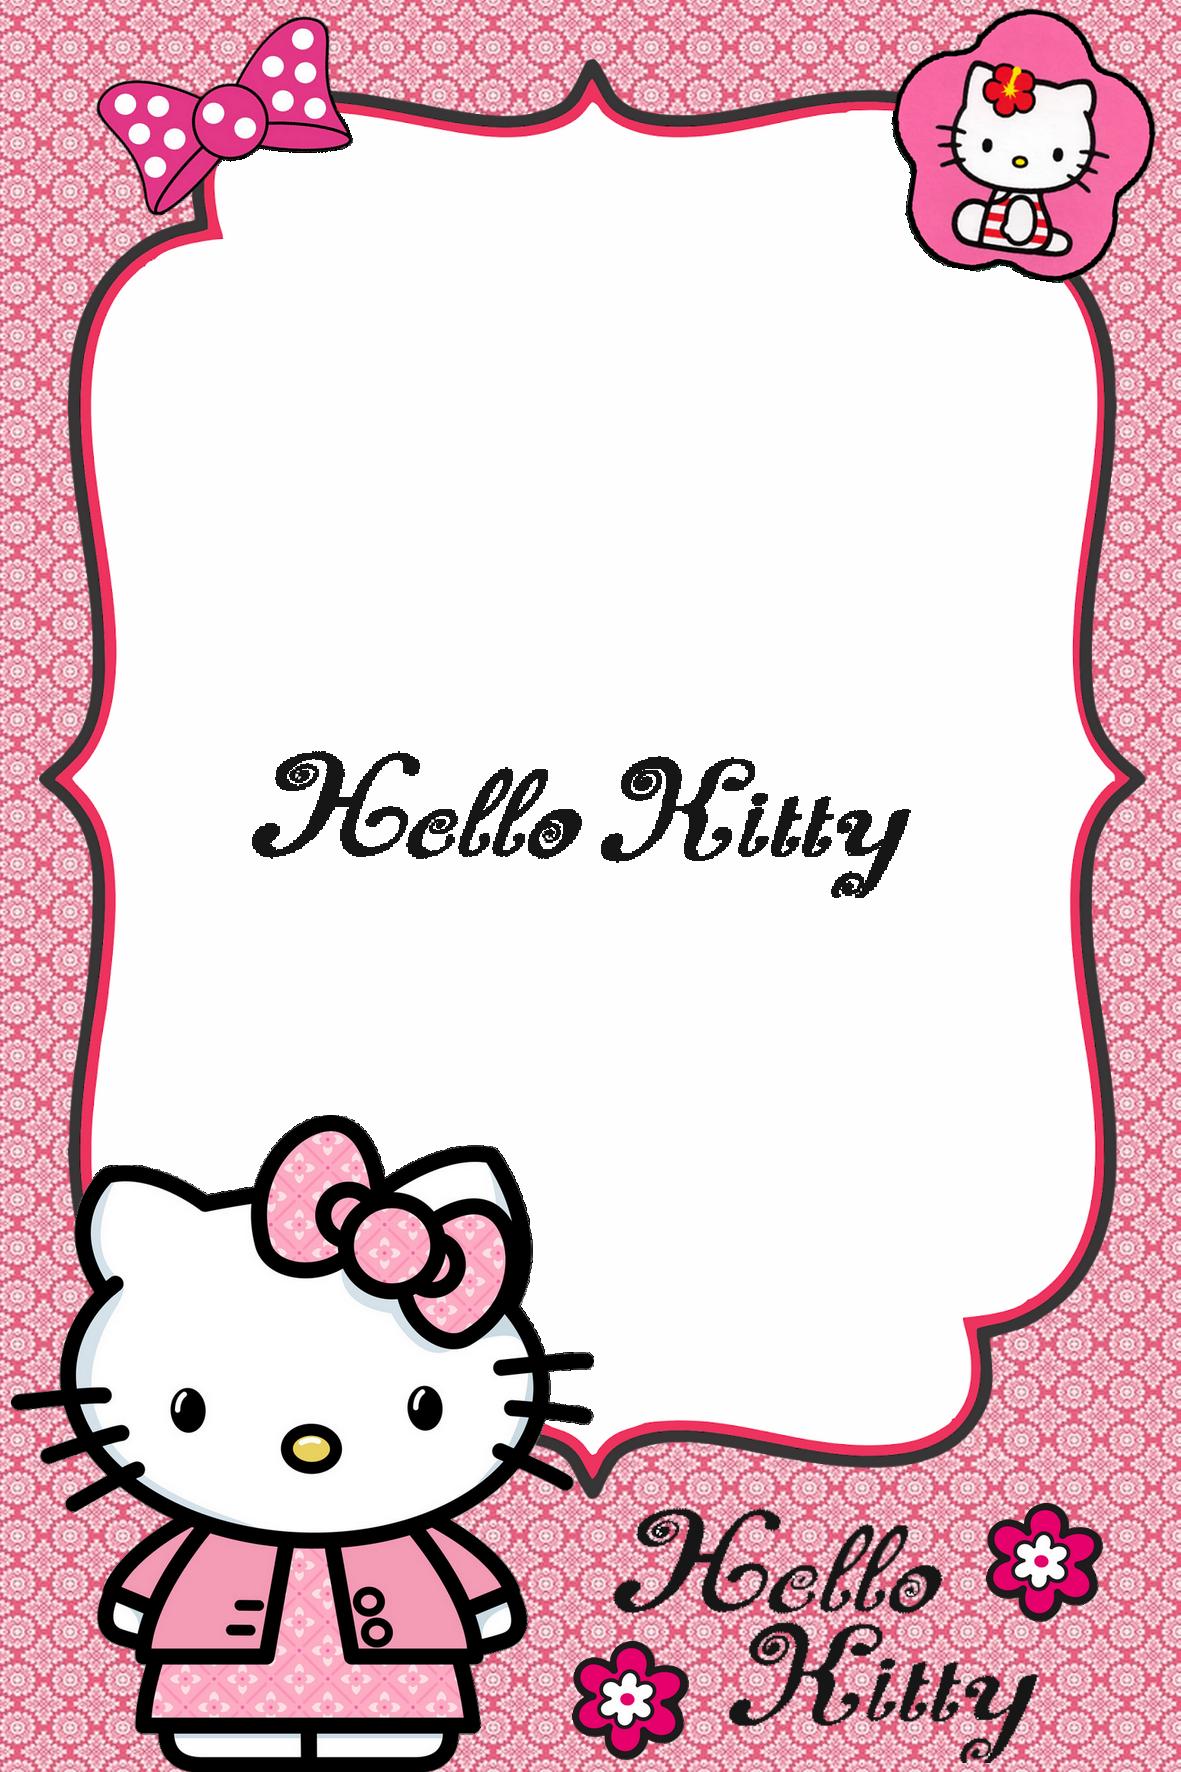 Frame For Children Png Hello Kitty Wallpaper Hello Kitty Photos Hello Kitty Backgrounds